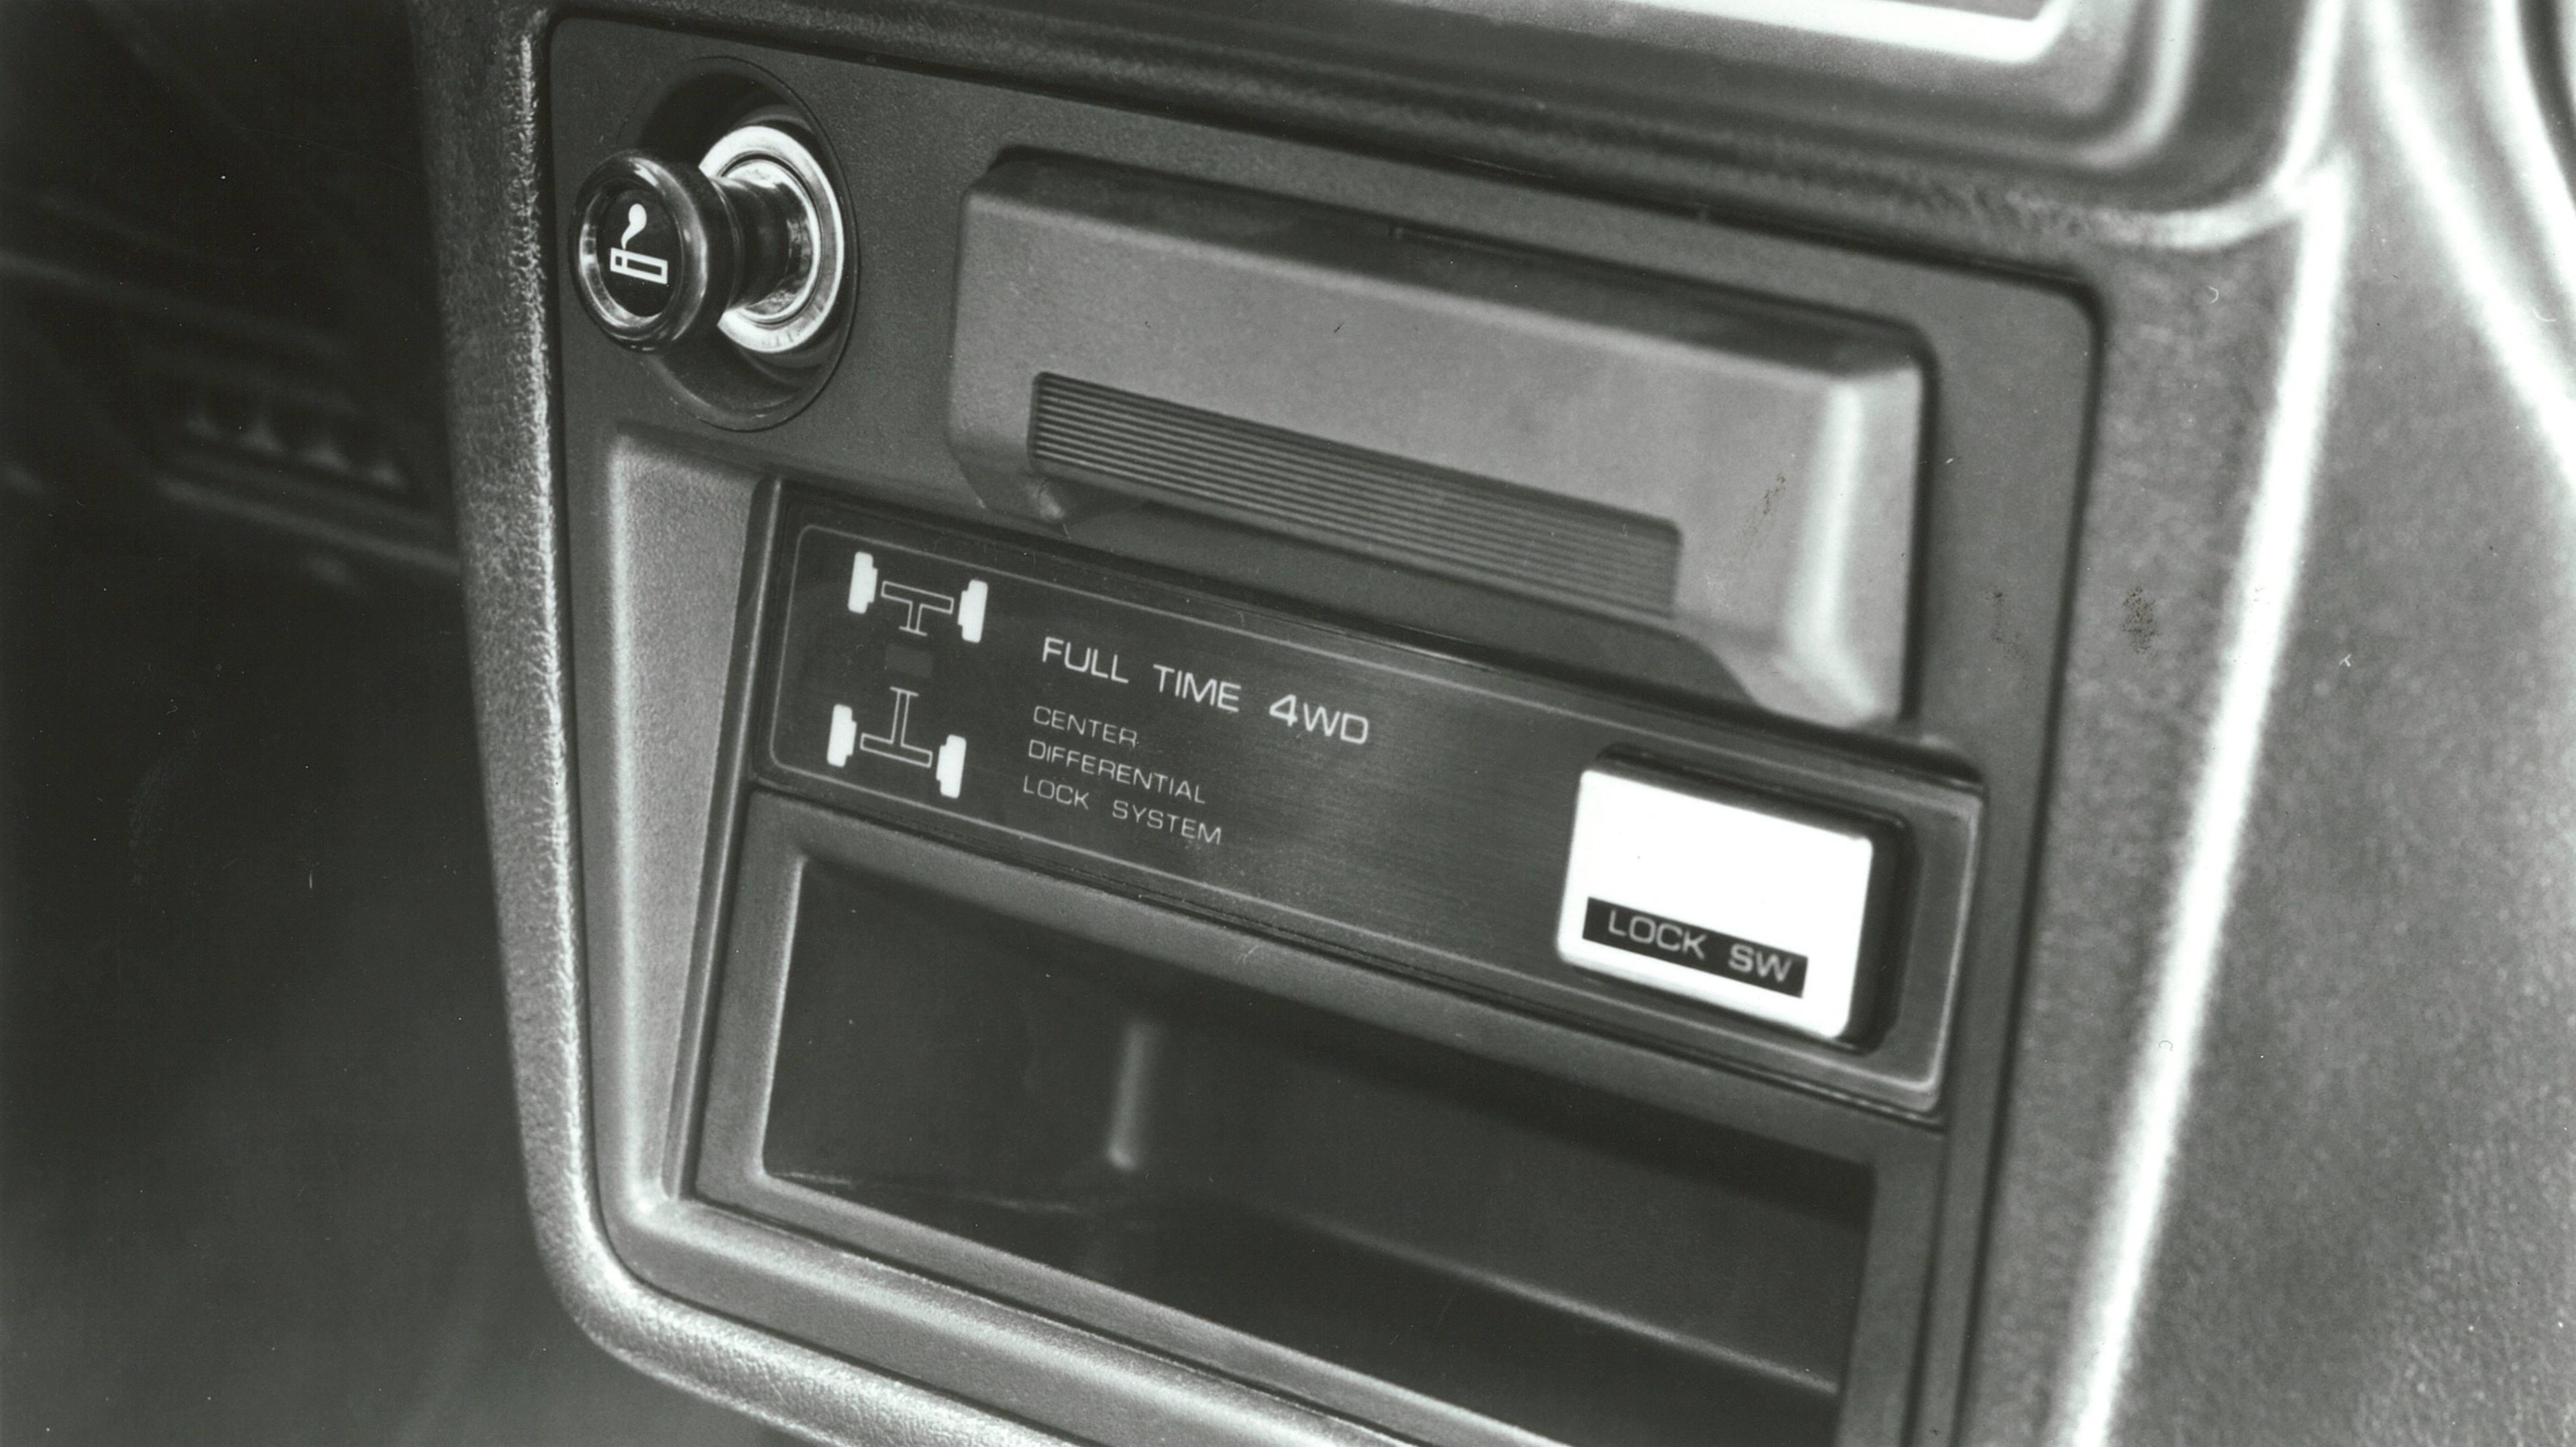 1988 Mazda 323 GTX 4WD Indicator